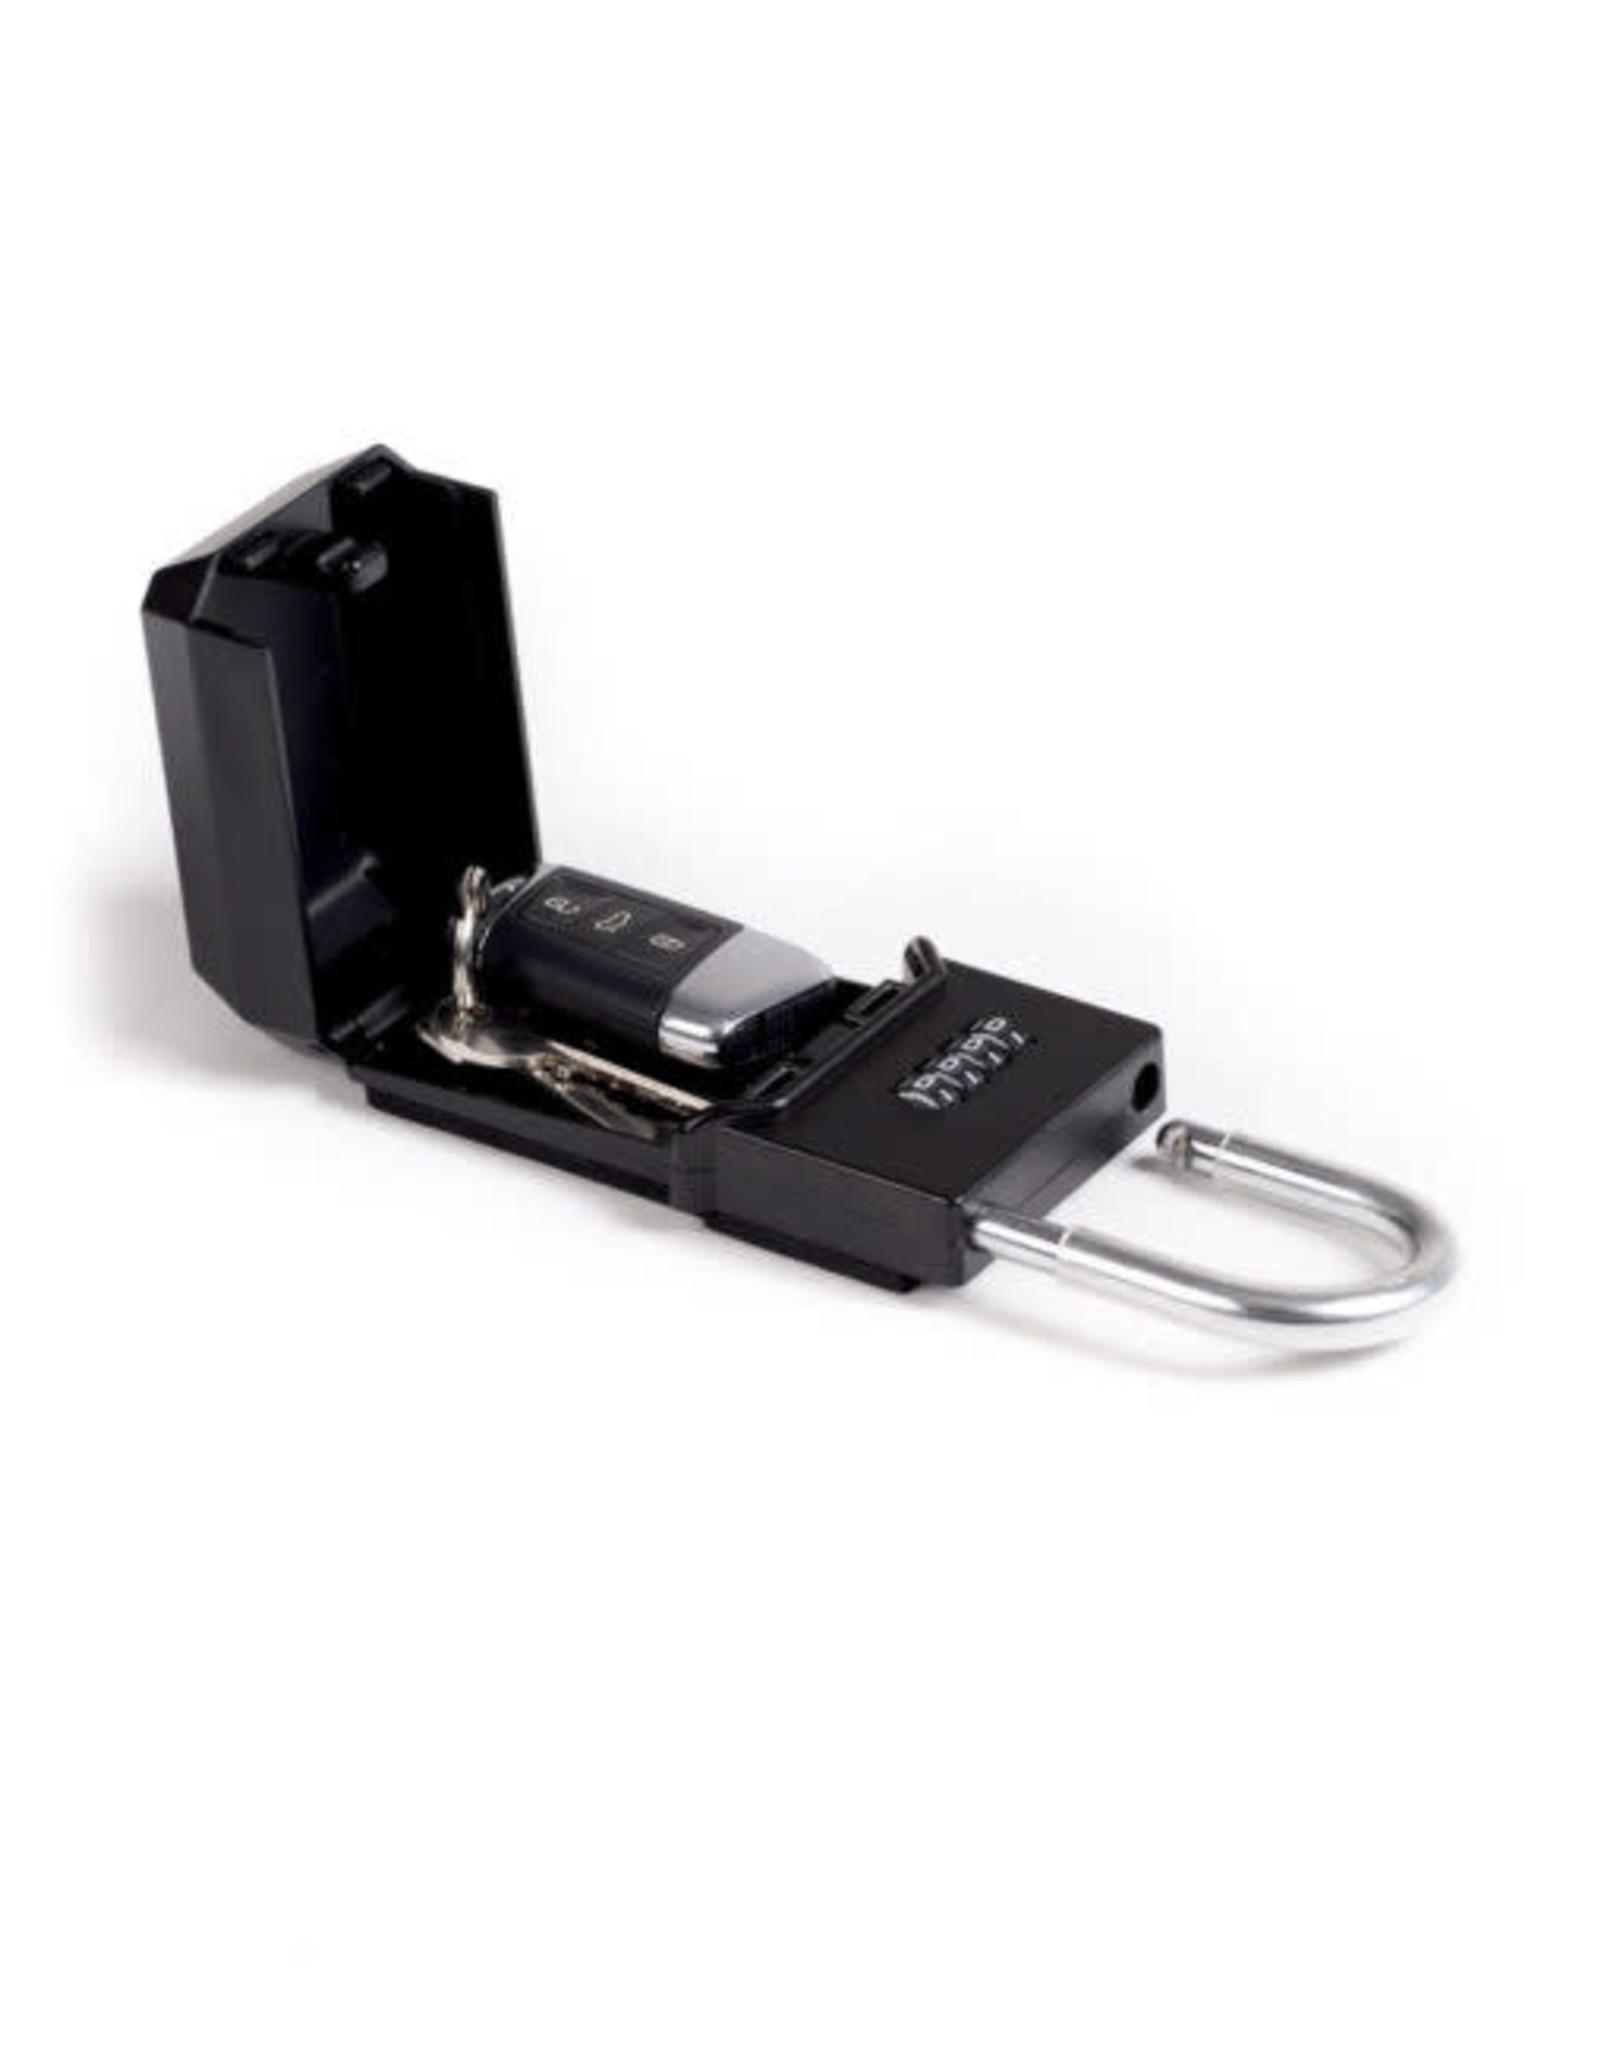 Surflogic Surflogic Keylock Maxi Box Key Safe